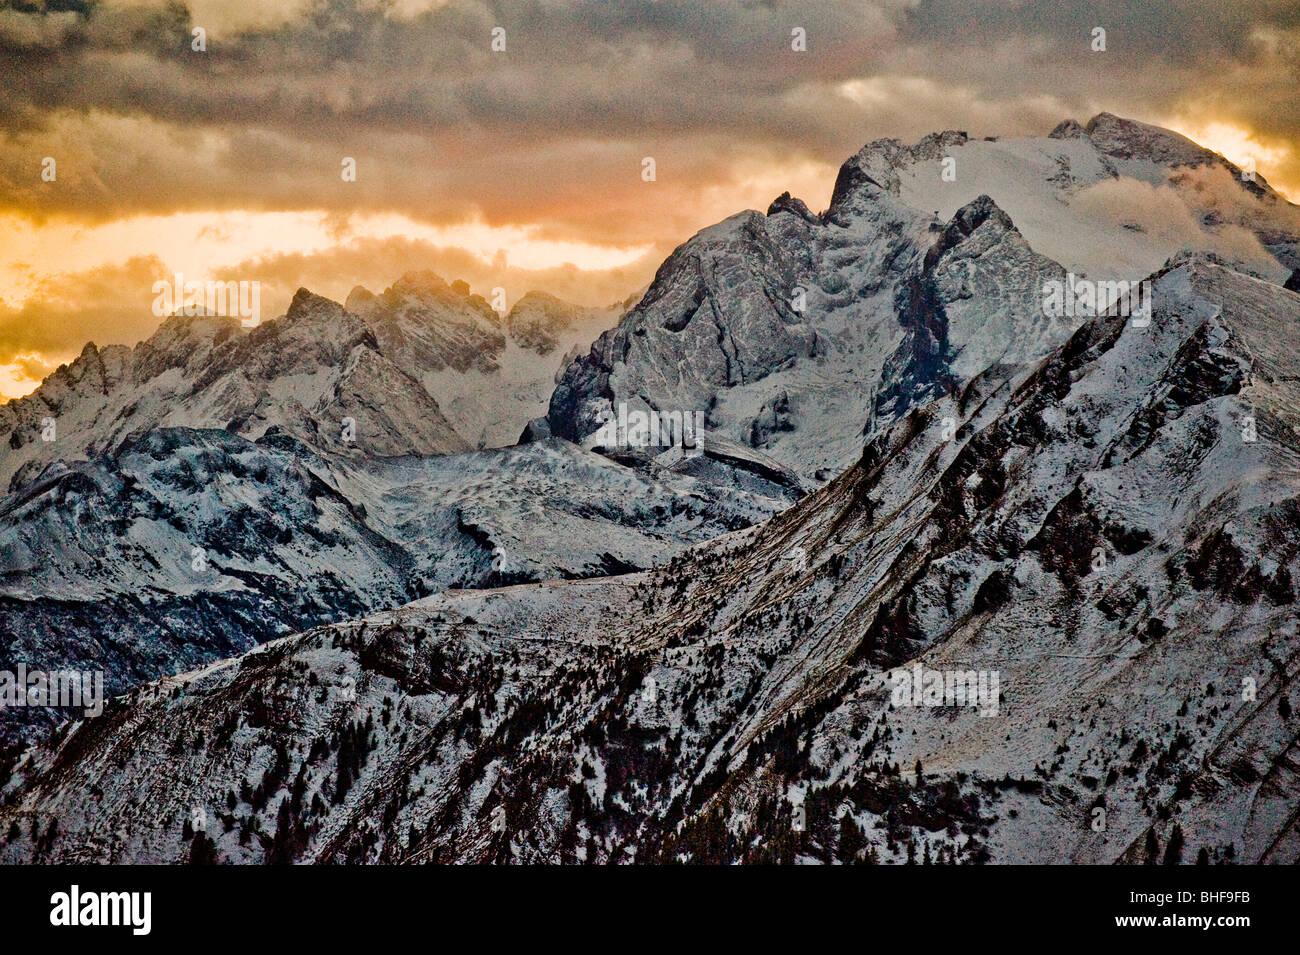 Verschneiten Dolomiten in der Nähe von Giau Pass, Trentino-Alto Adige/Suedtirol, Italien Stockfoto